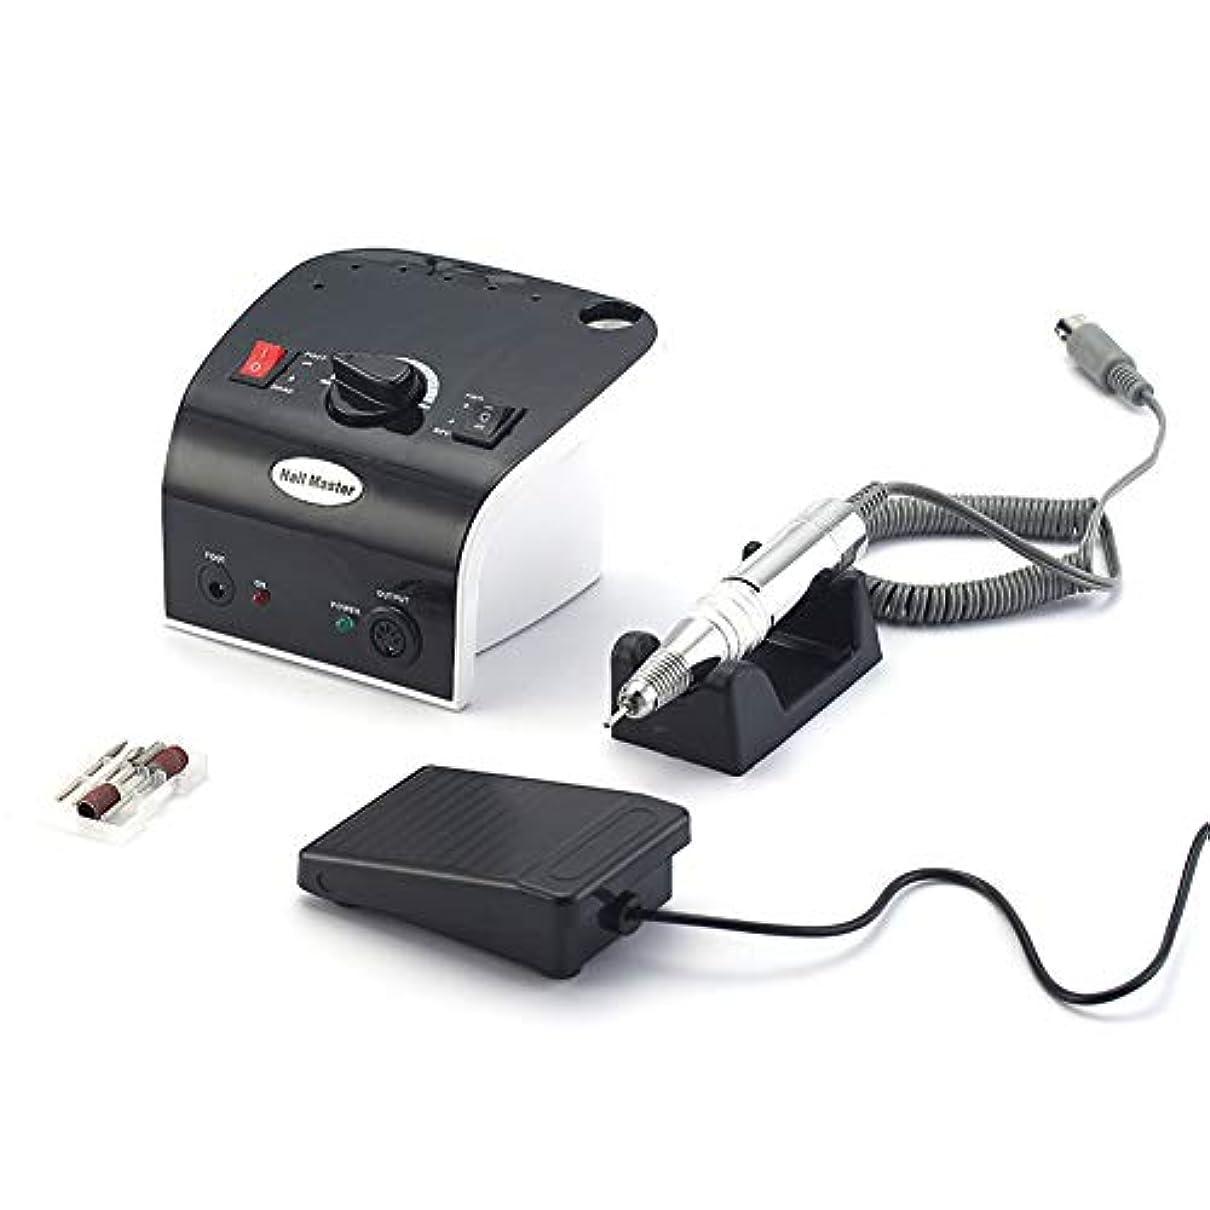 クランプ囲まれたアルコーブ電気ネイルドリルマシン35W 35000RPM高品質モデルハンドピースマニキュアペディキュアマシンネイルファイルビットネイルアート機器